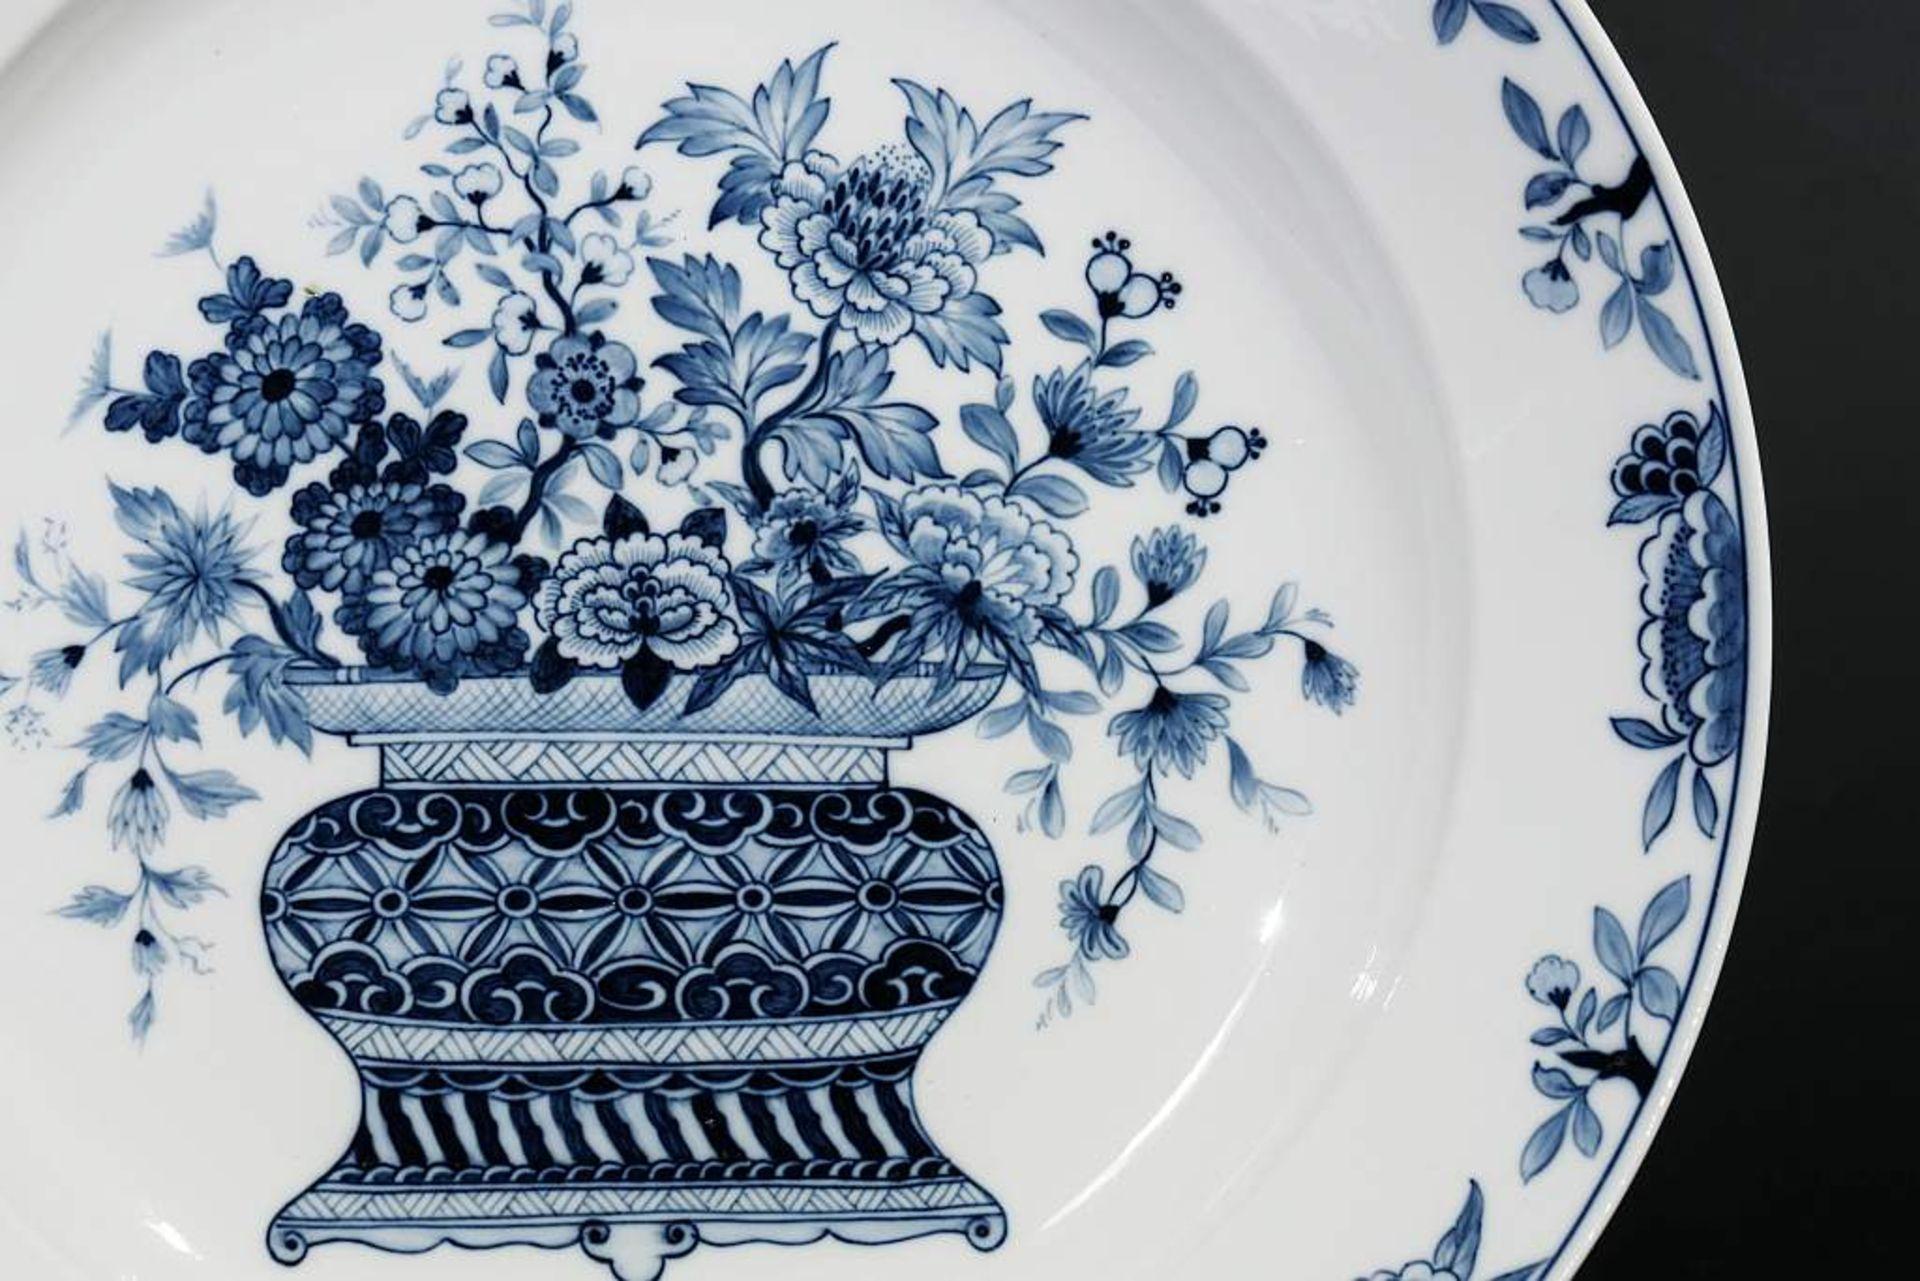 Los 9 - Seltene Blaudekor-Schale. Seltene Blaudekor-Schale. MEISSEN 19. Jahrhundert, 1. Wahl. Florale